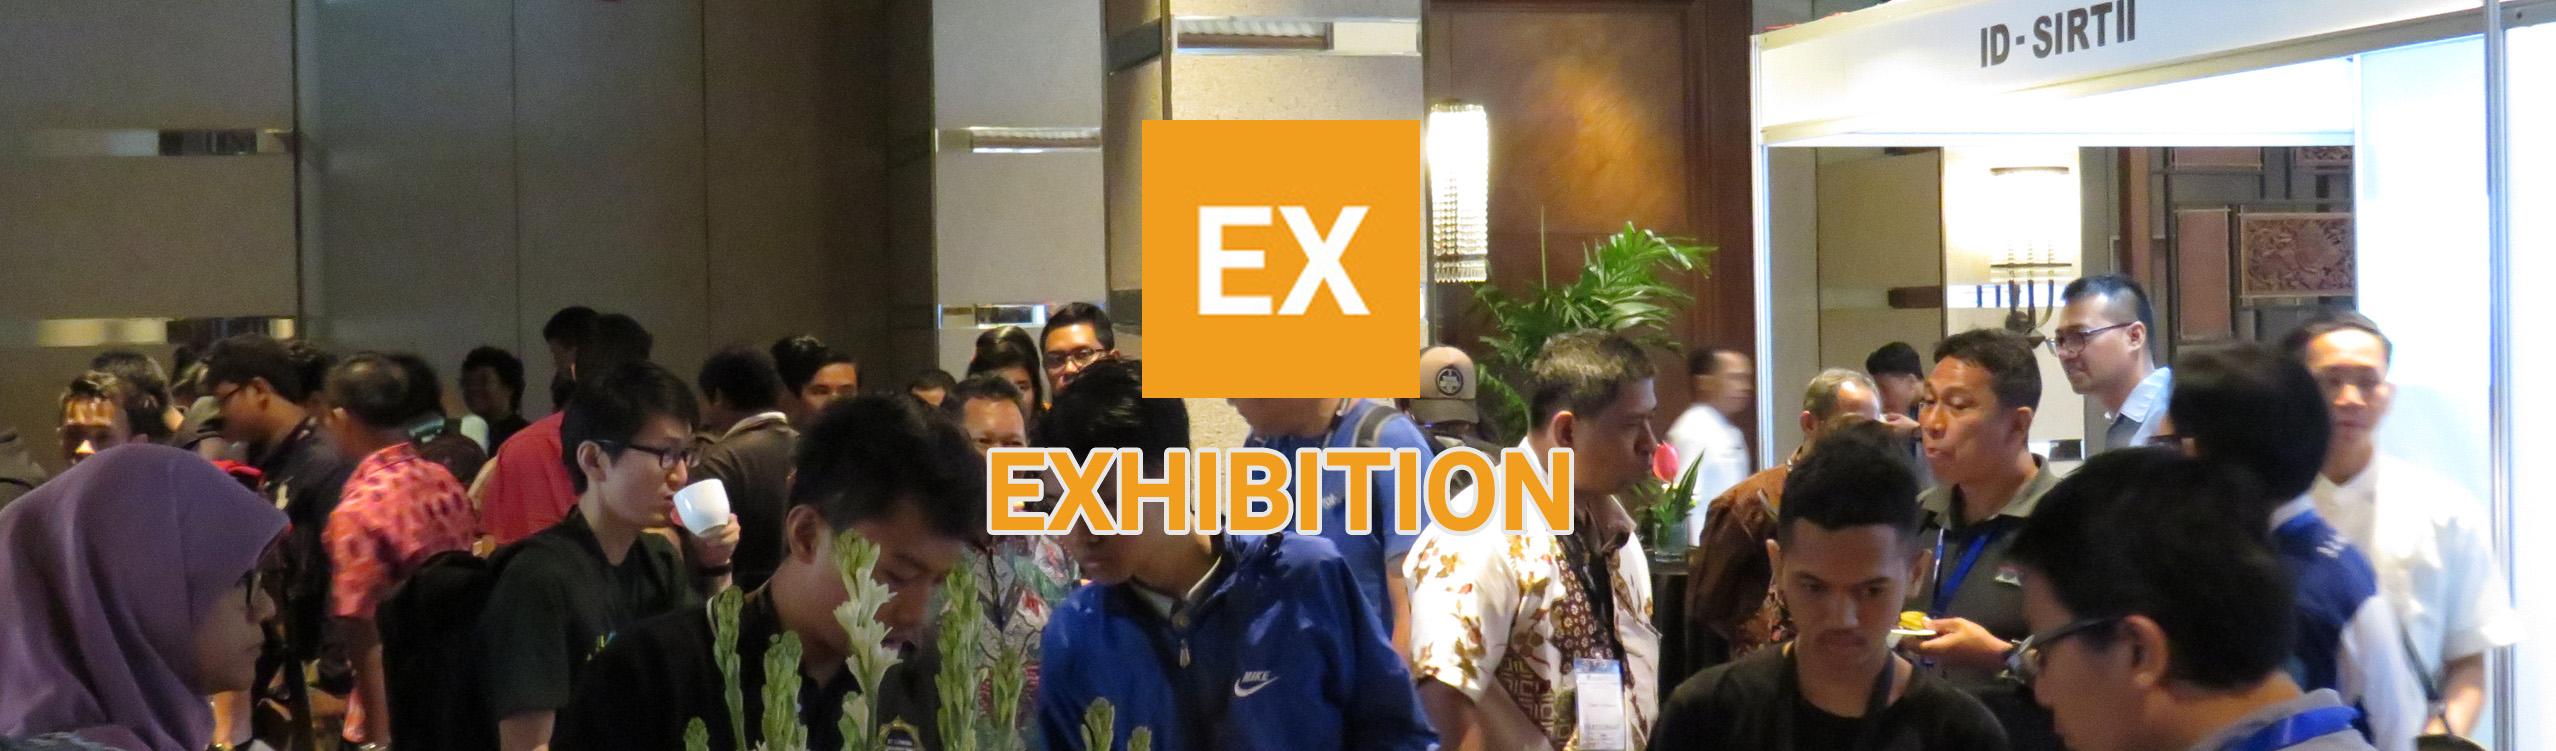 codebali Exhibition